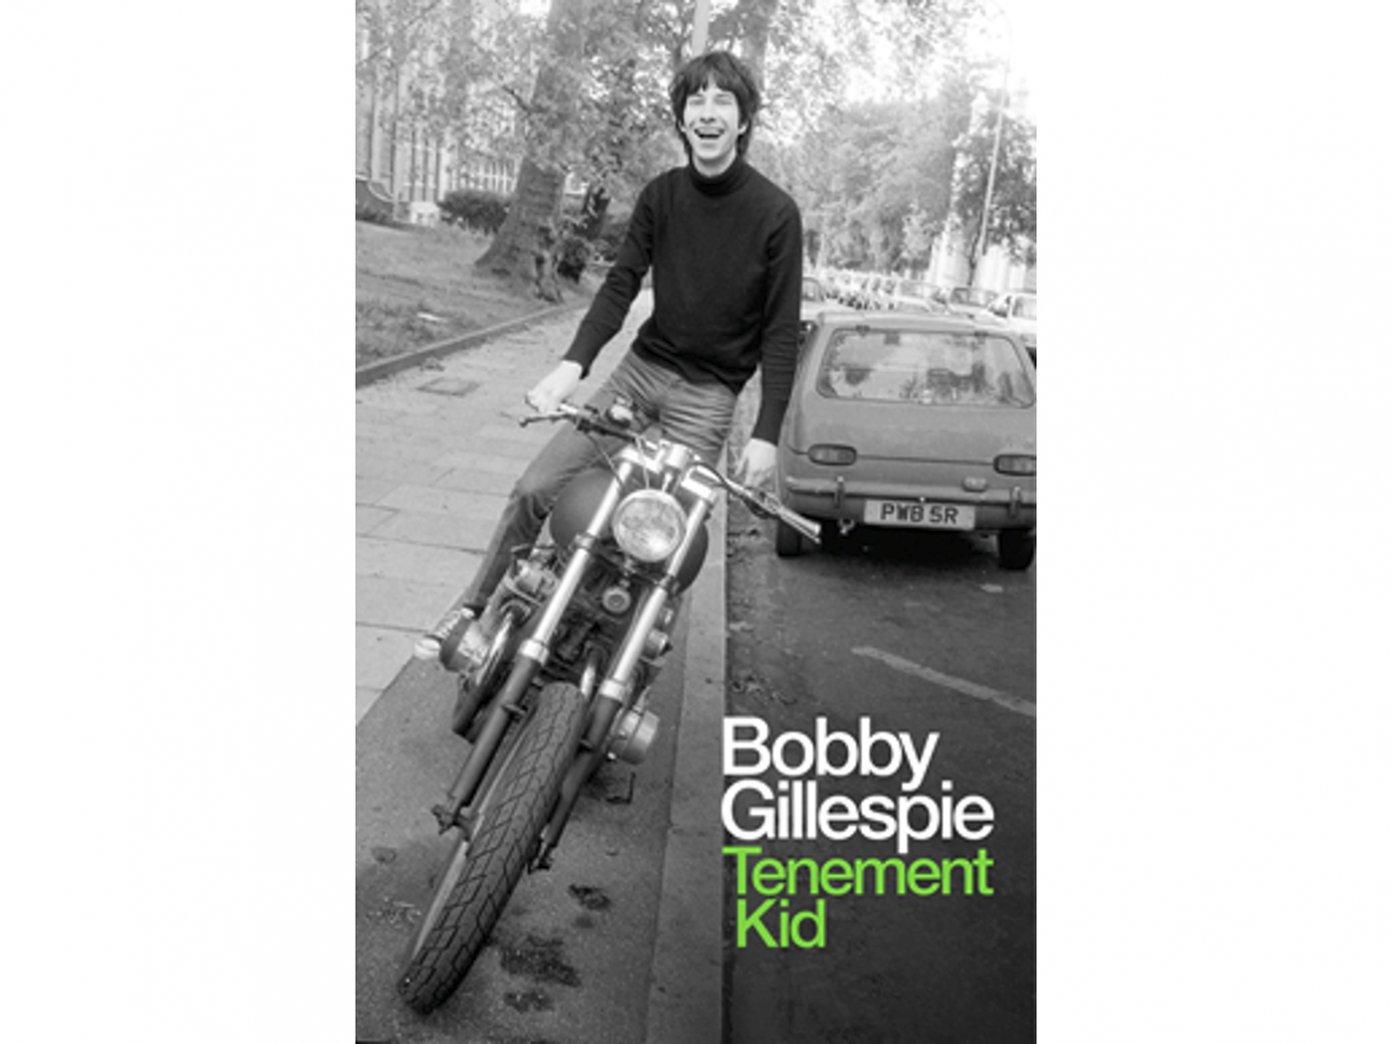 News Littéraires – Bobby Gillespie – Tenement Kid